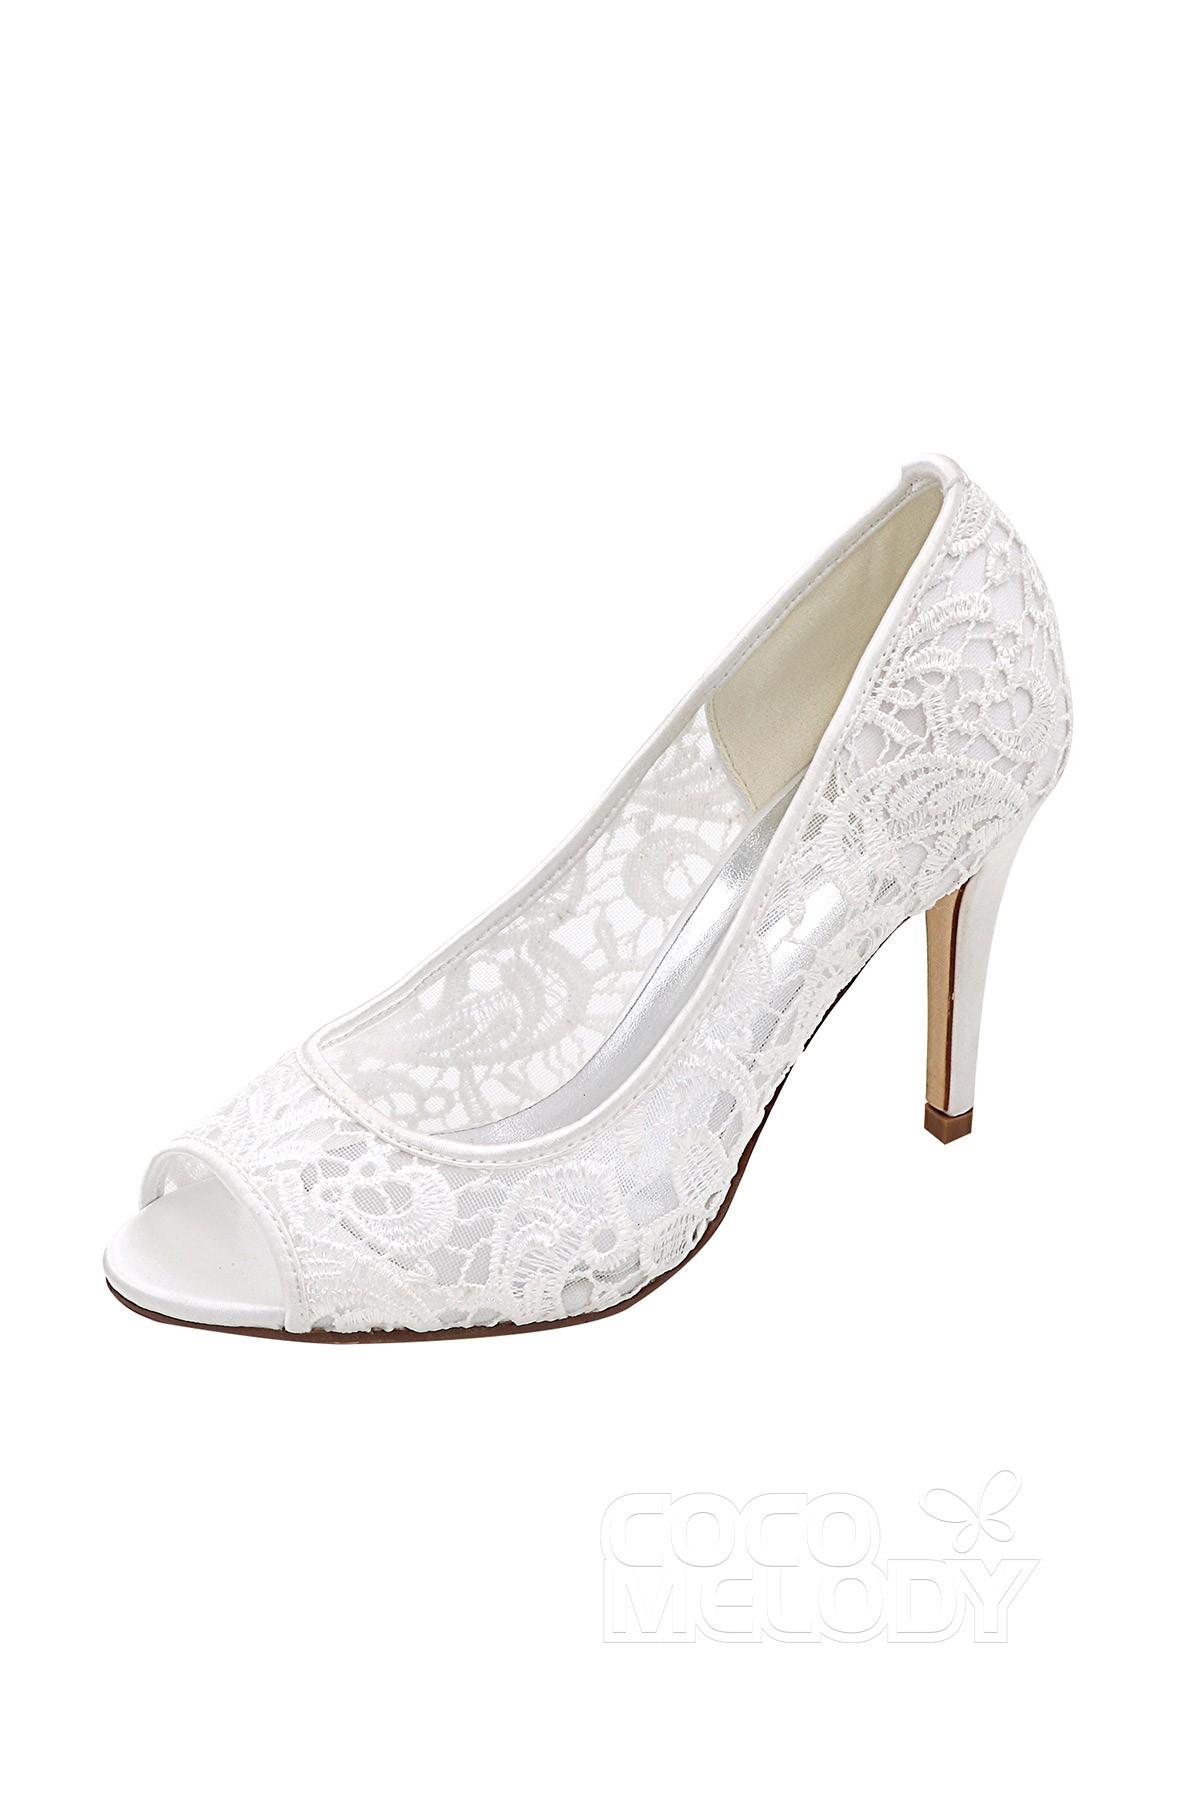 8d3c89a178d4 Stiletto Heel 9.3cm Heel Lace Stitching Lace Peep Toe Bridal Shoes SWS16036